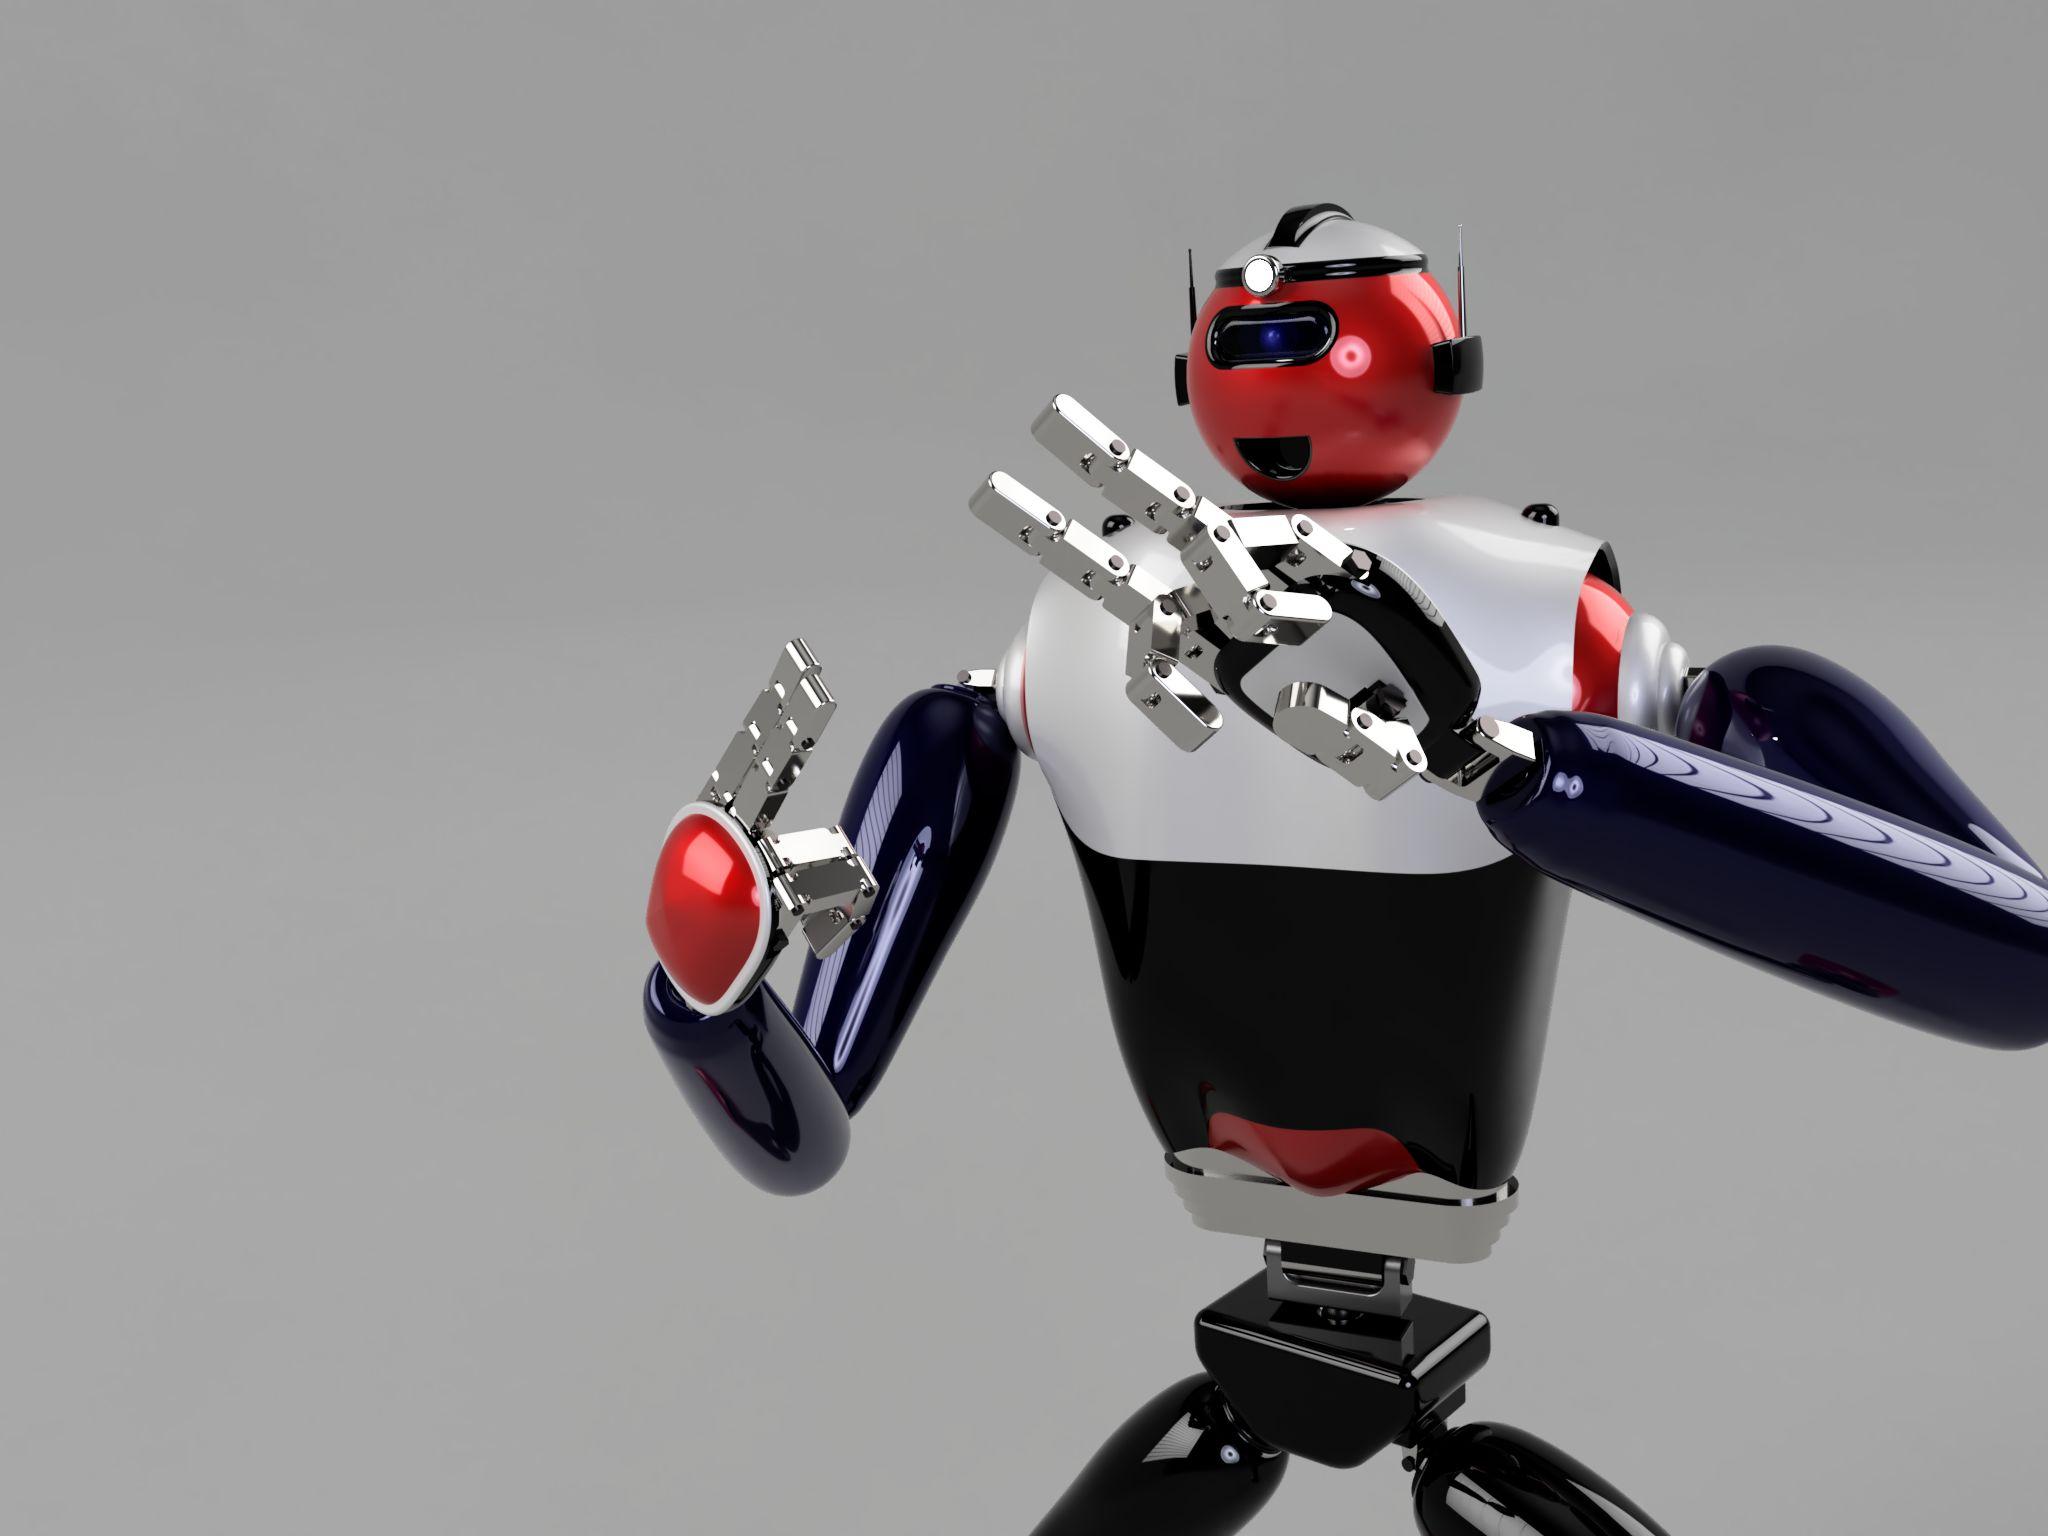 Actividades-robot-2019-oct-28-06-23-30am-000-customizedview5802696307-png-3500-3500